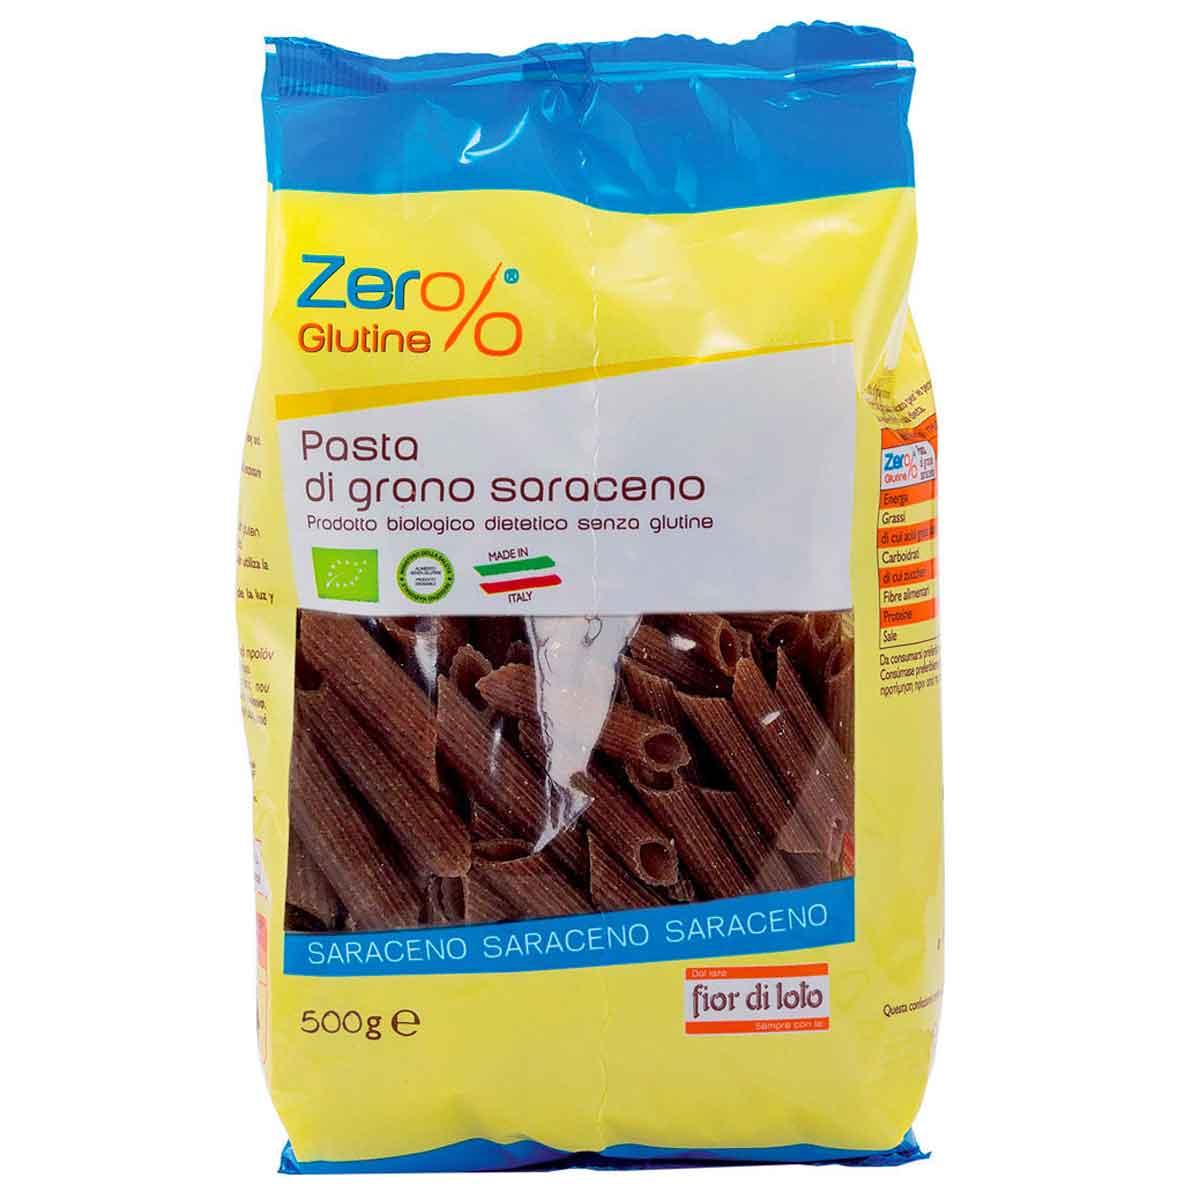 Zer% Glutine Penne di grano saraceno